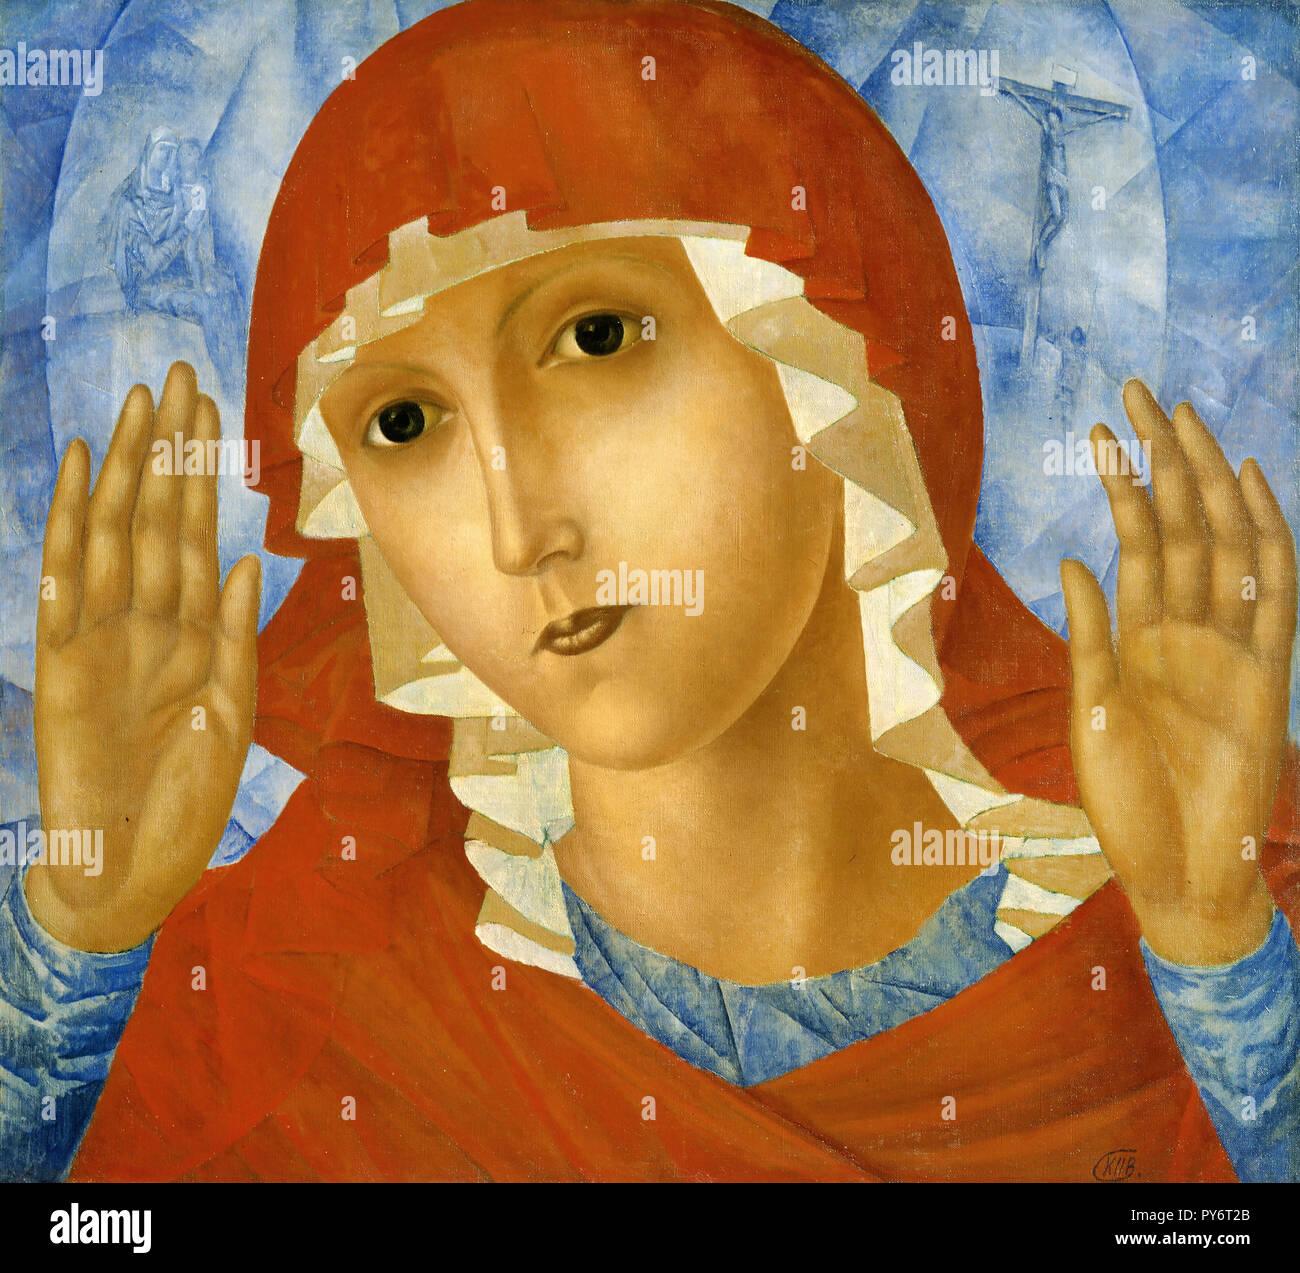 Kuzma Petrov-Vodkin, la Madre di Dio di tenerezza verso il male cuori 1914 olio su tela, il Museo Russo, San Pietroburgo, Russia. Immagini Stock